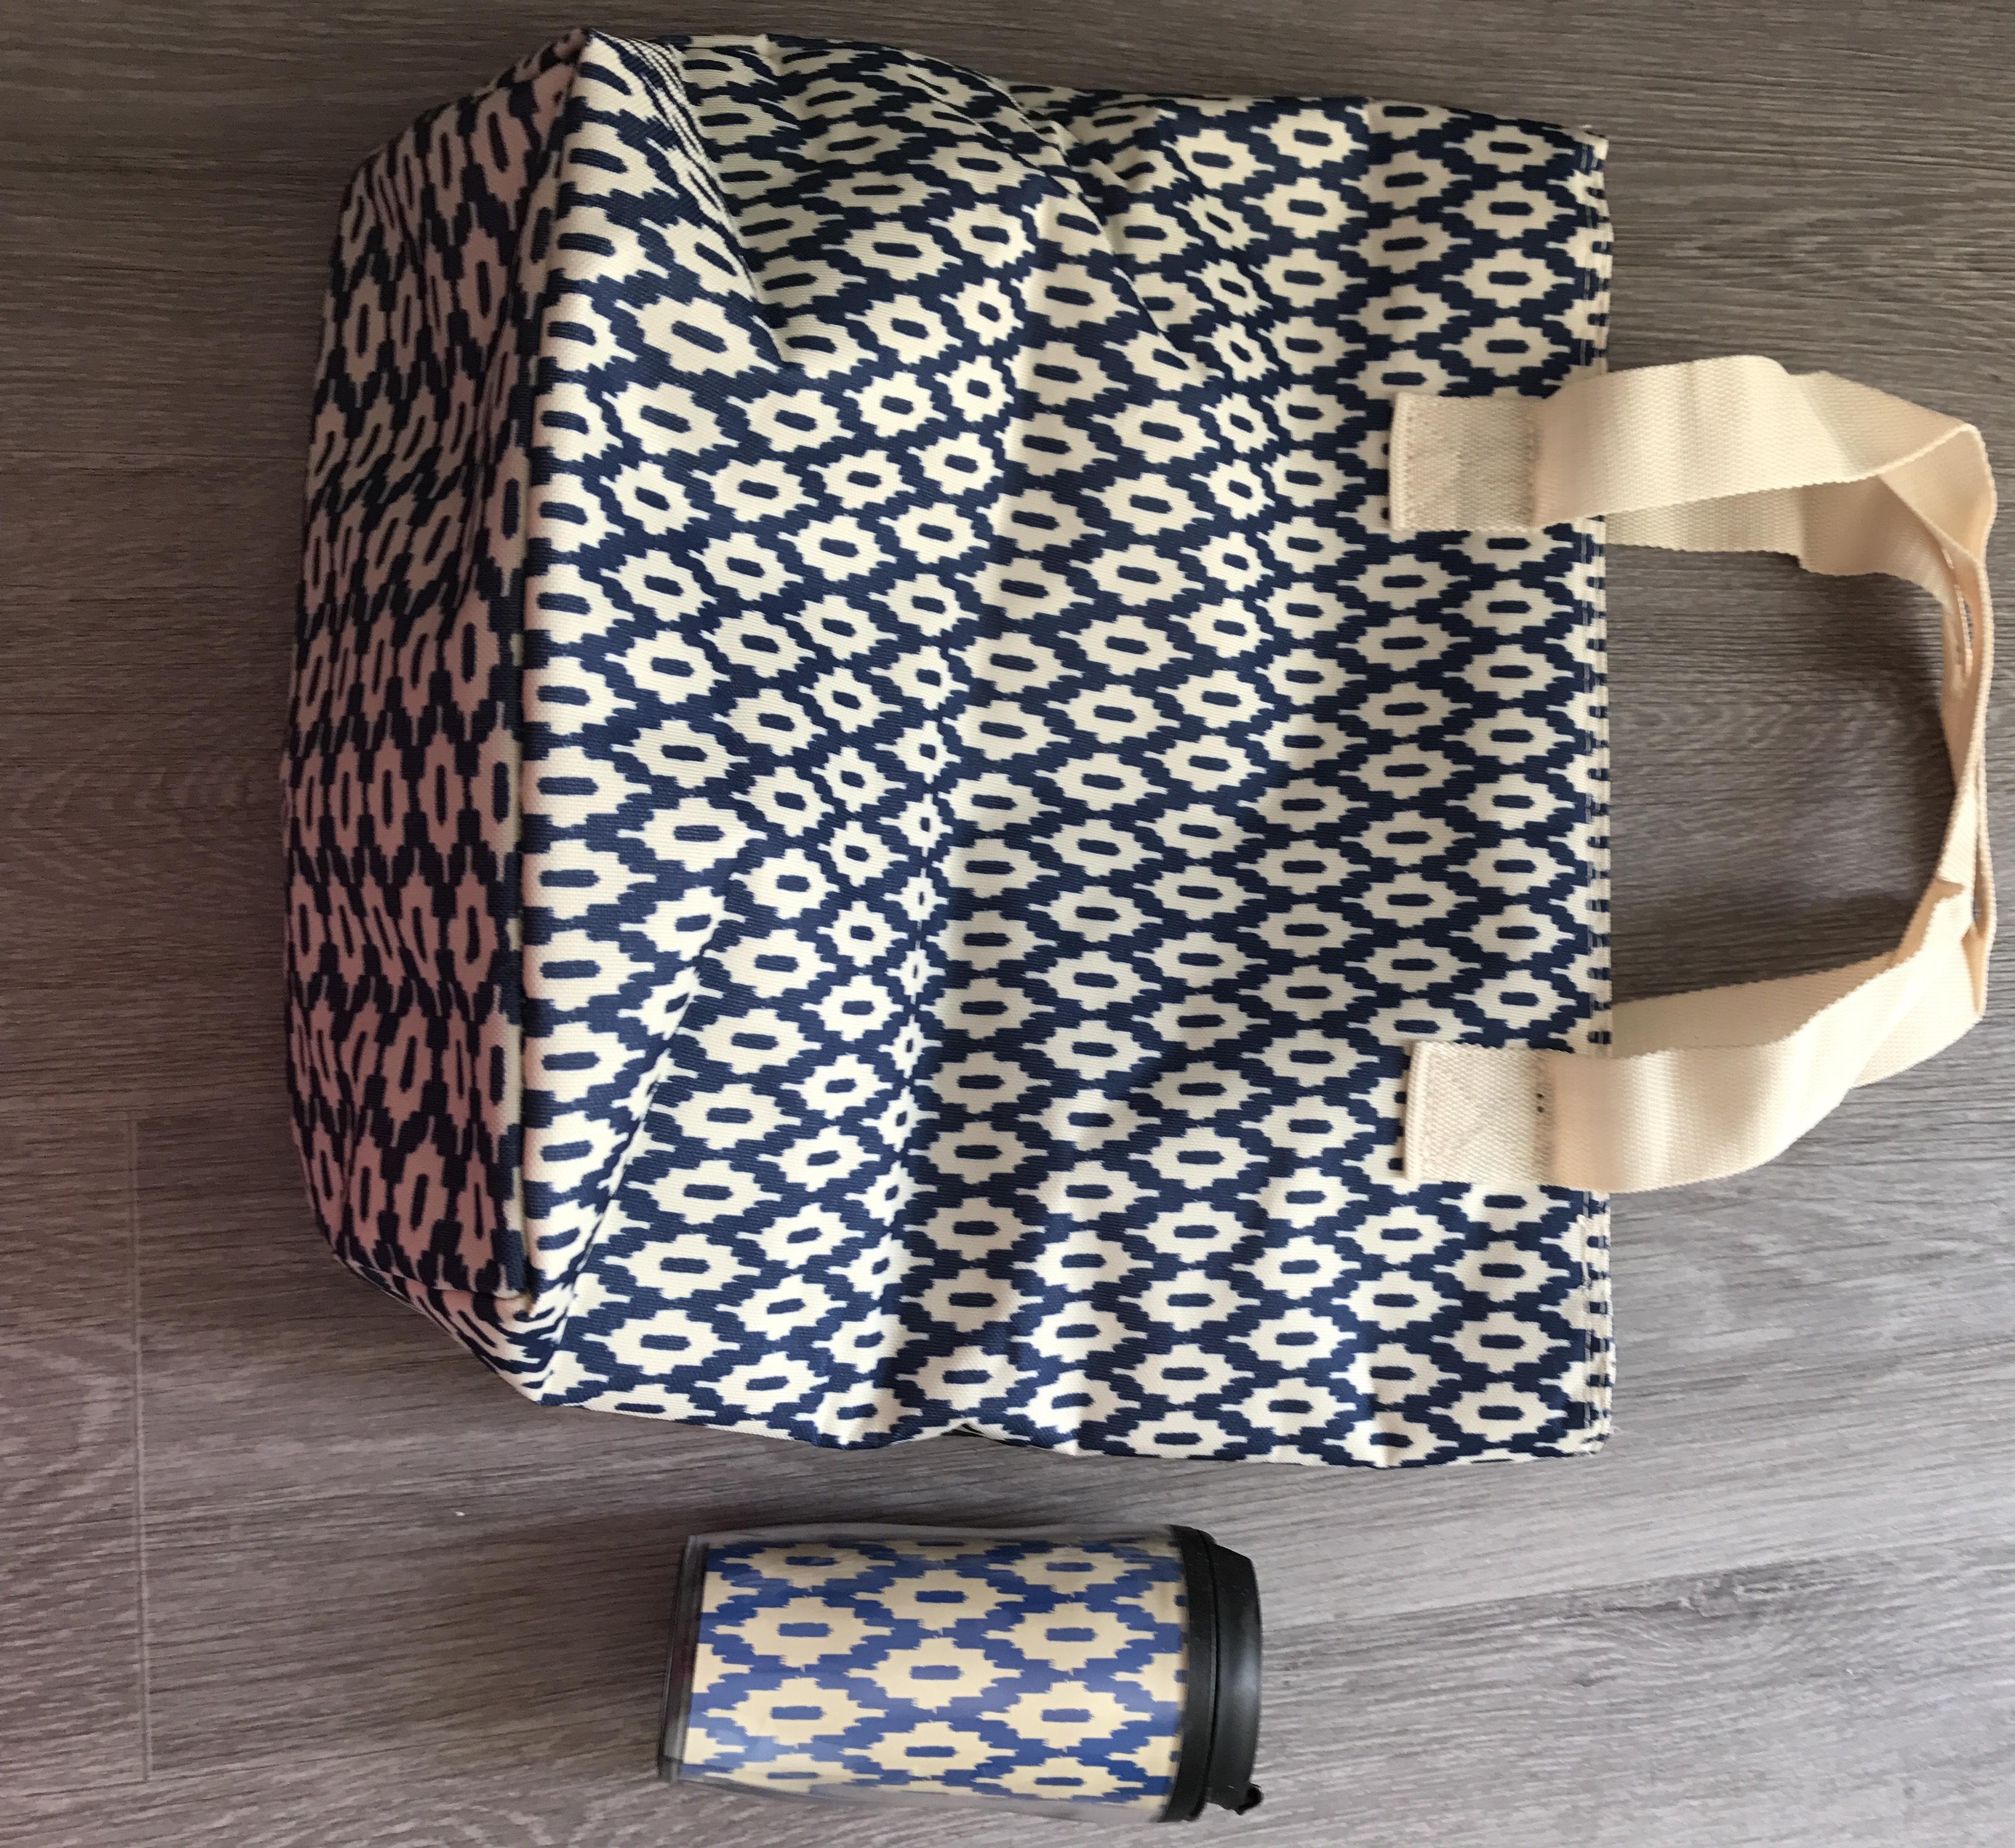 11€ de réduction dés 20€ d'achat (hors soldes) +  livraison gratuite dés 3 articles commandés + sac isotherme et son mug assorti offert